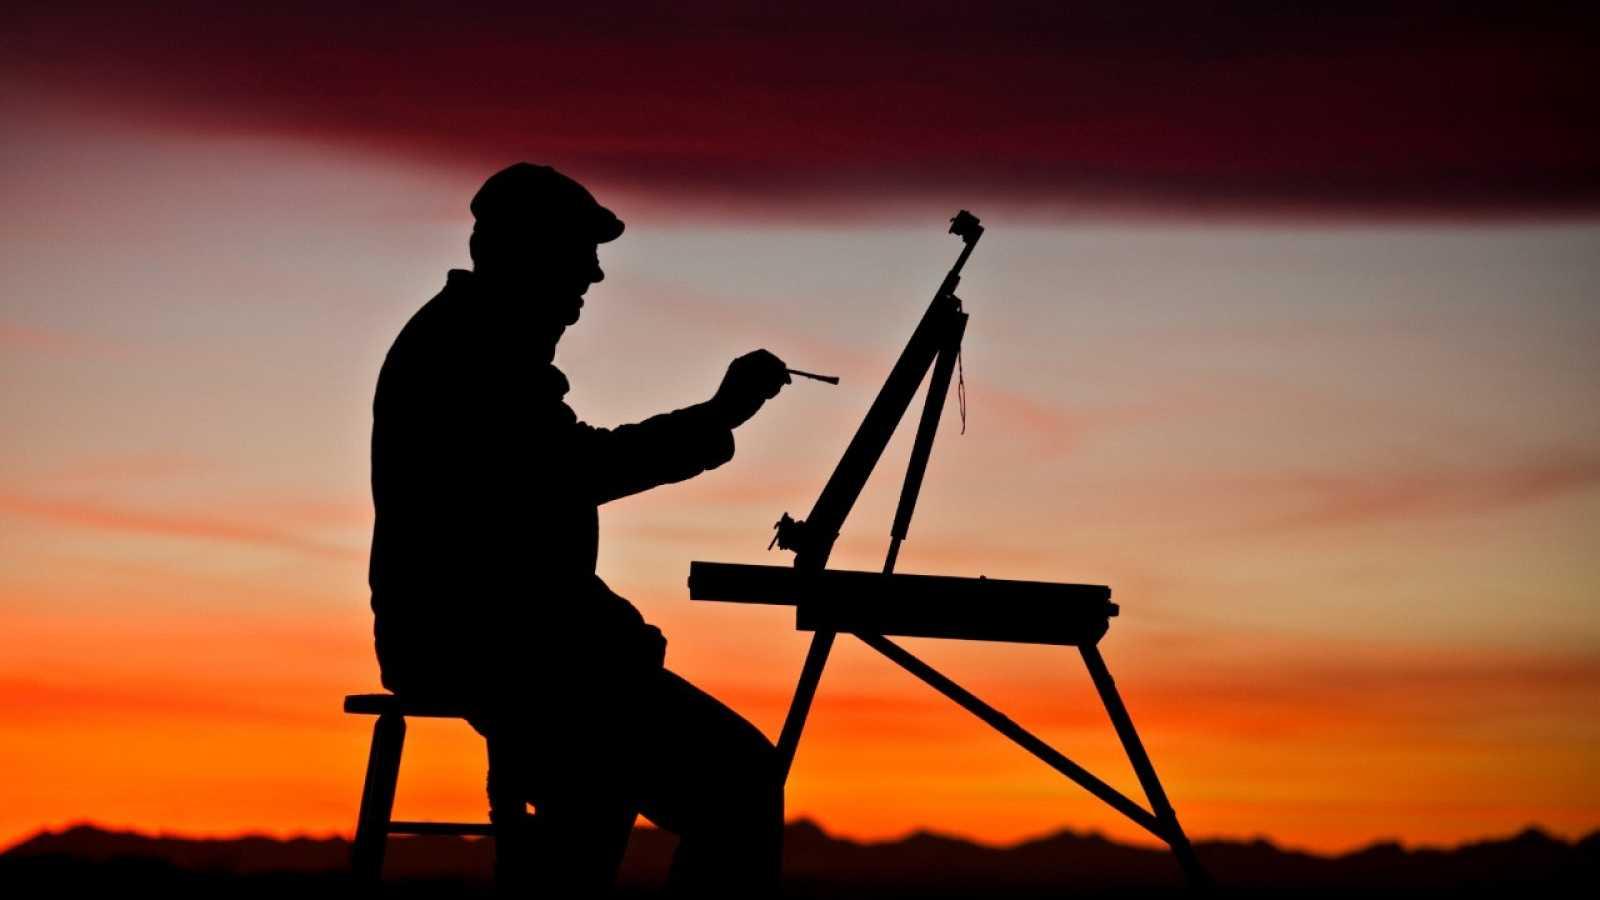 Por tres razones - El pintor ciego que sigue viendo los colores - 19/02/21 - escuchar ahora